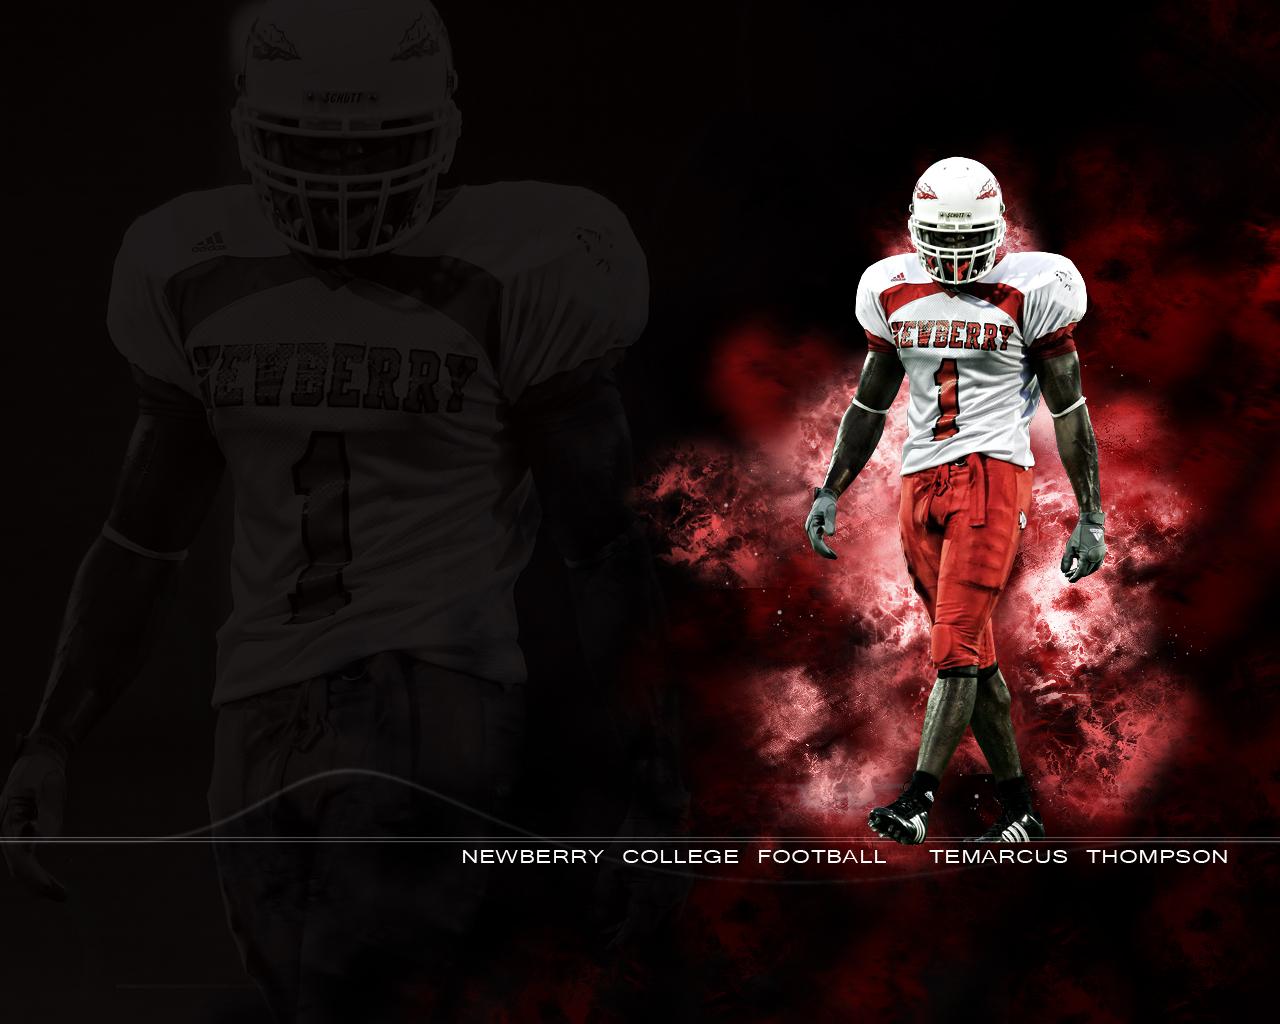 Football Wallpapers Desktop Background: College Football Wallpaper HD